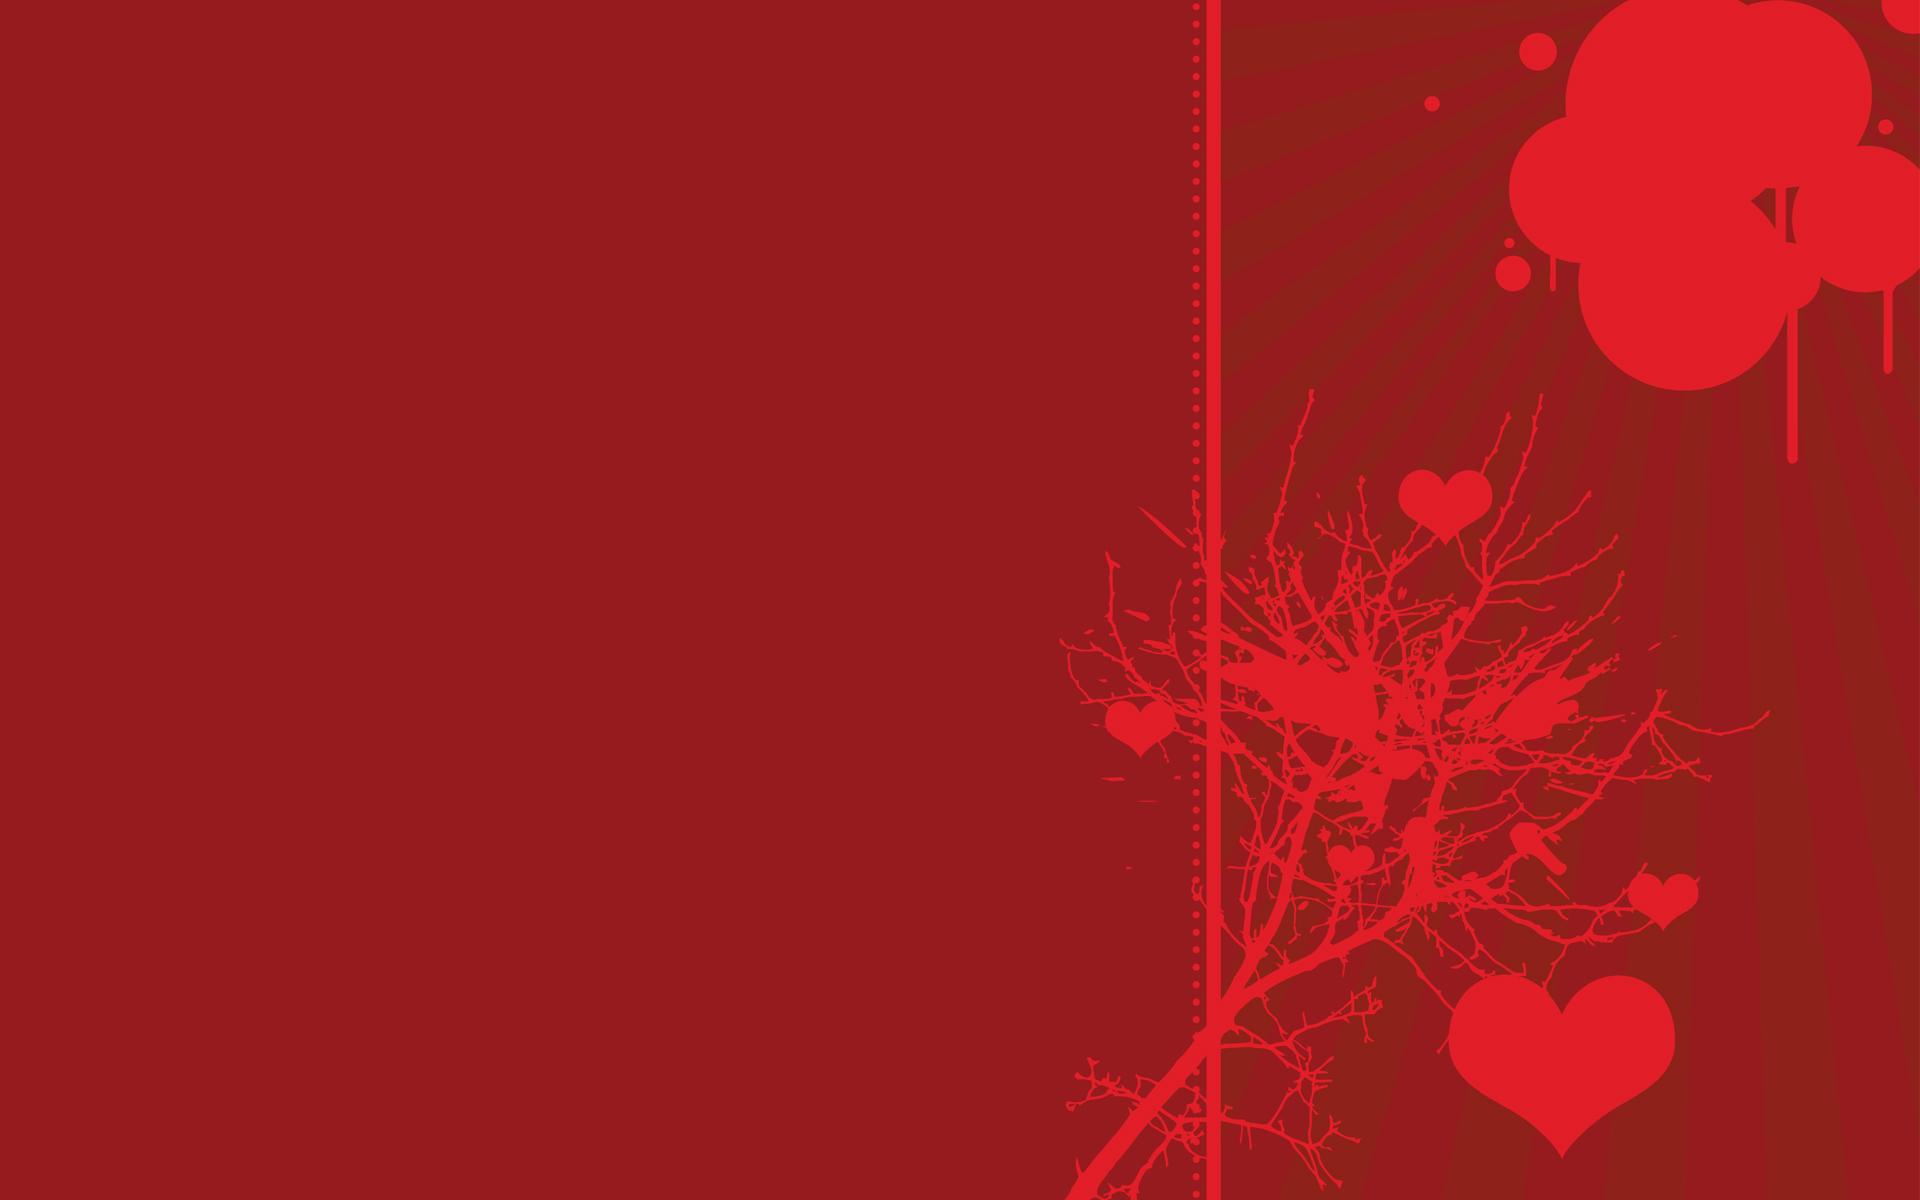 wallpaper hearts winter studio dell 1920x1200 1920x1200